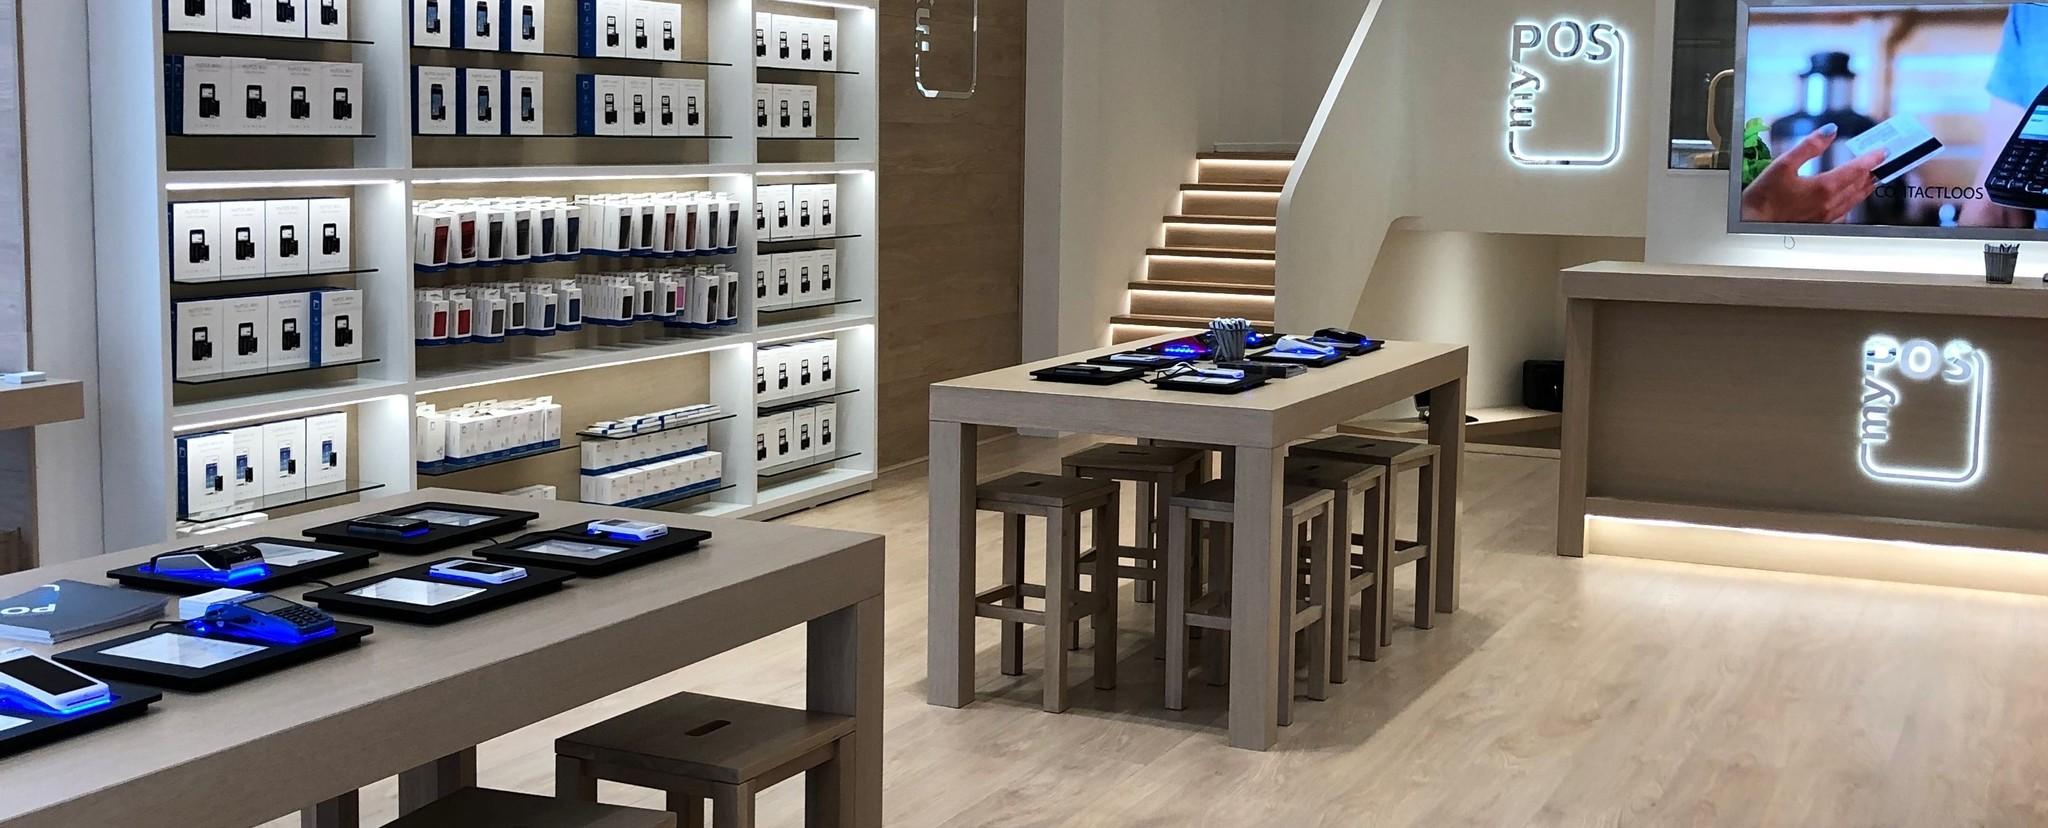 De myPOS Store Anwerpen is gevestigd aan de Drukkerijstraat 16.